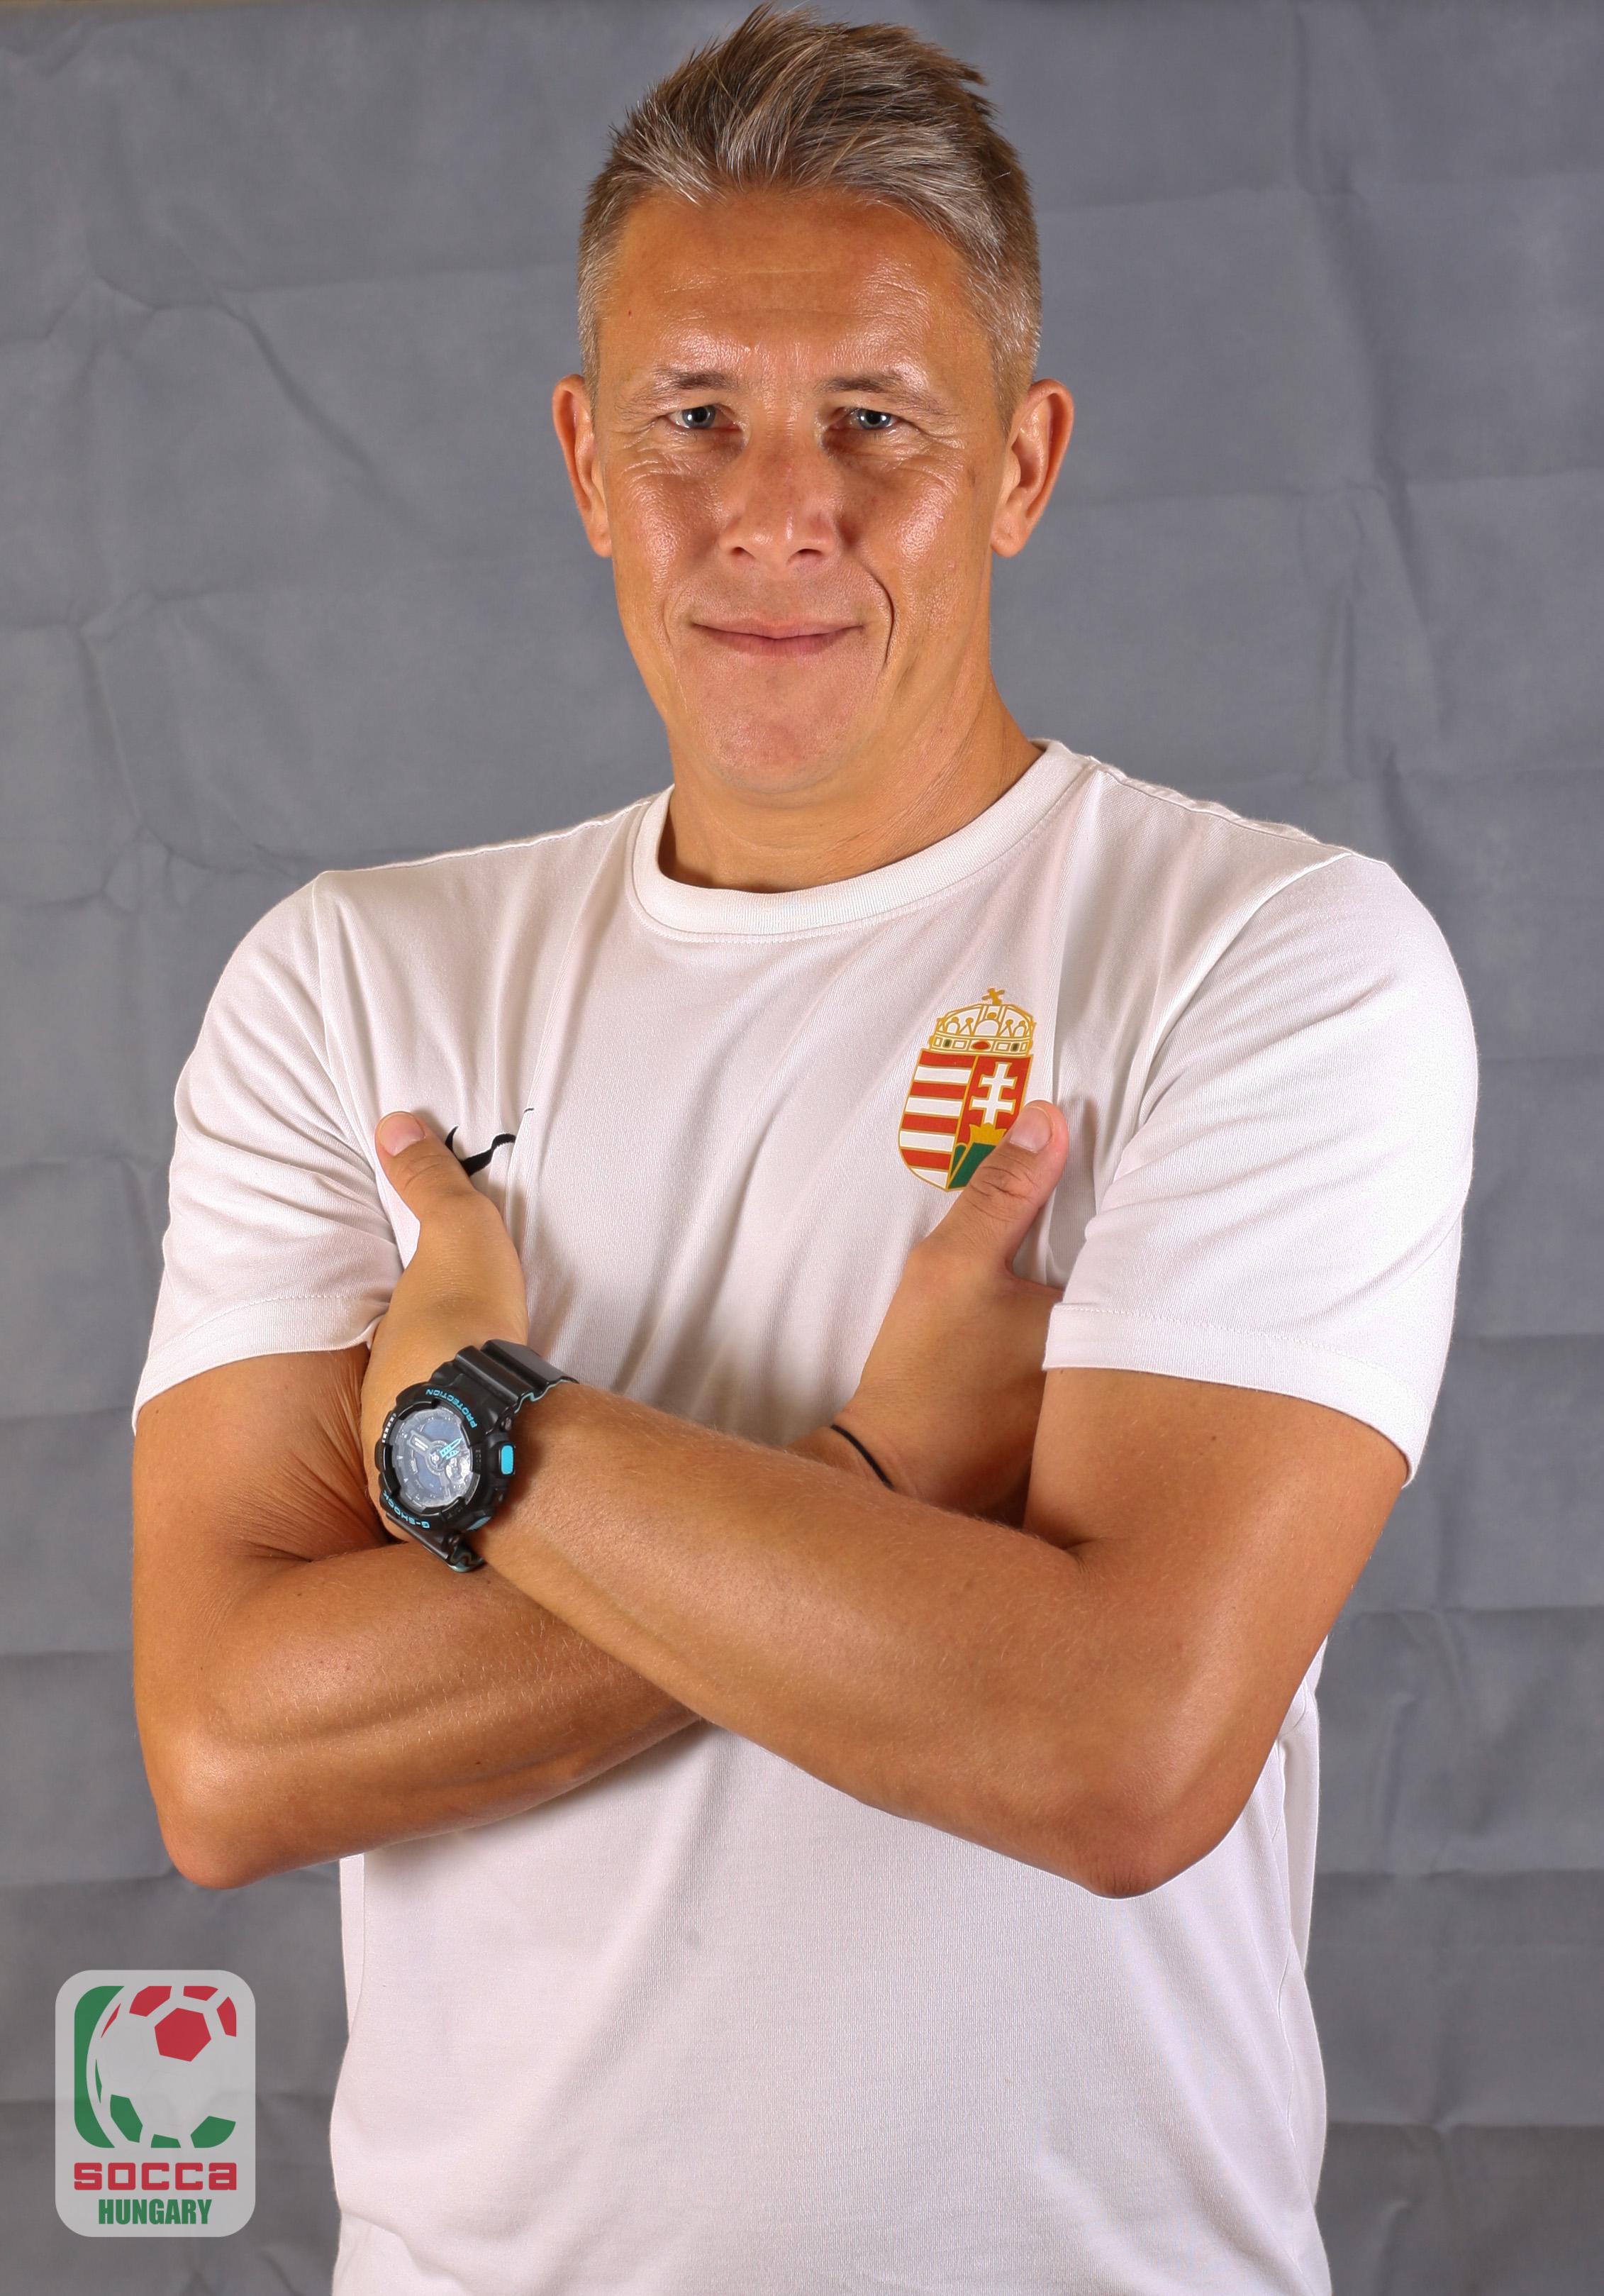 Balázs Schrancz